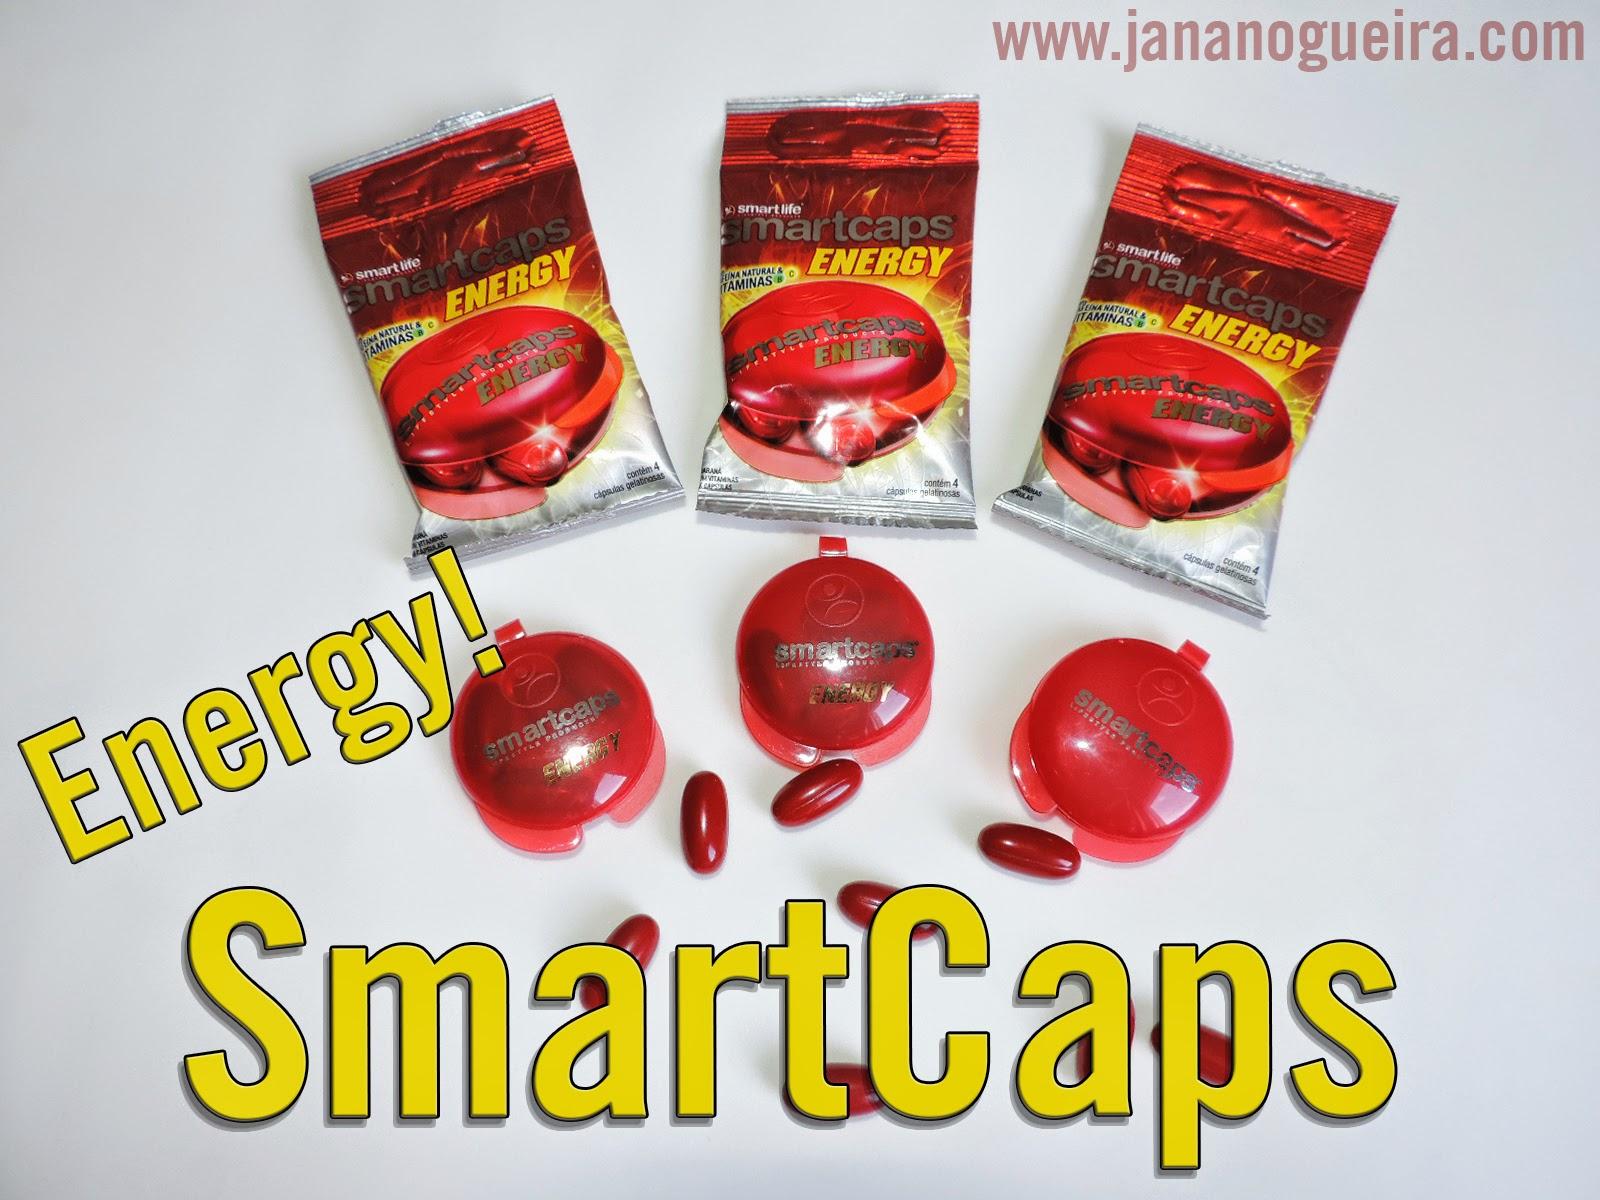 energycaps